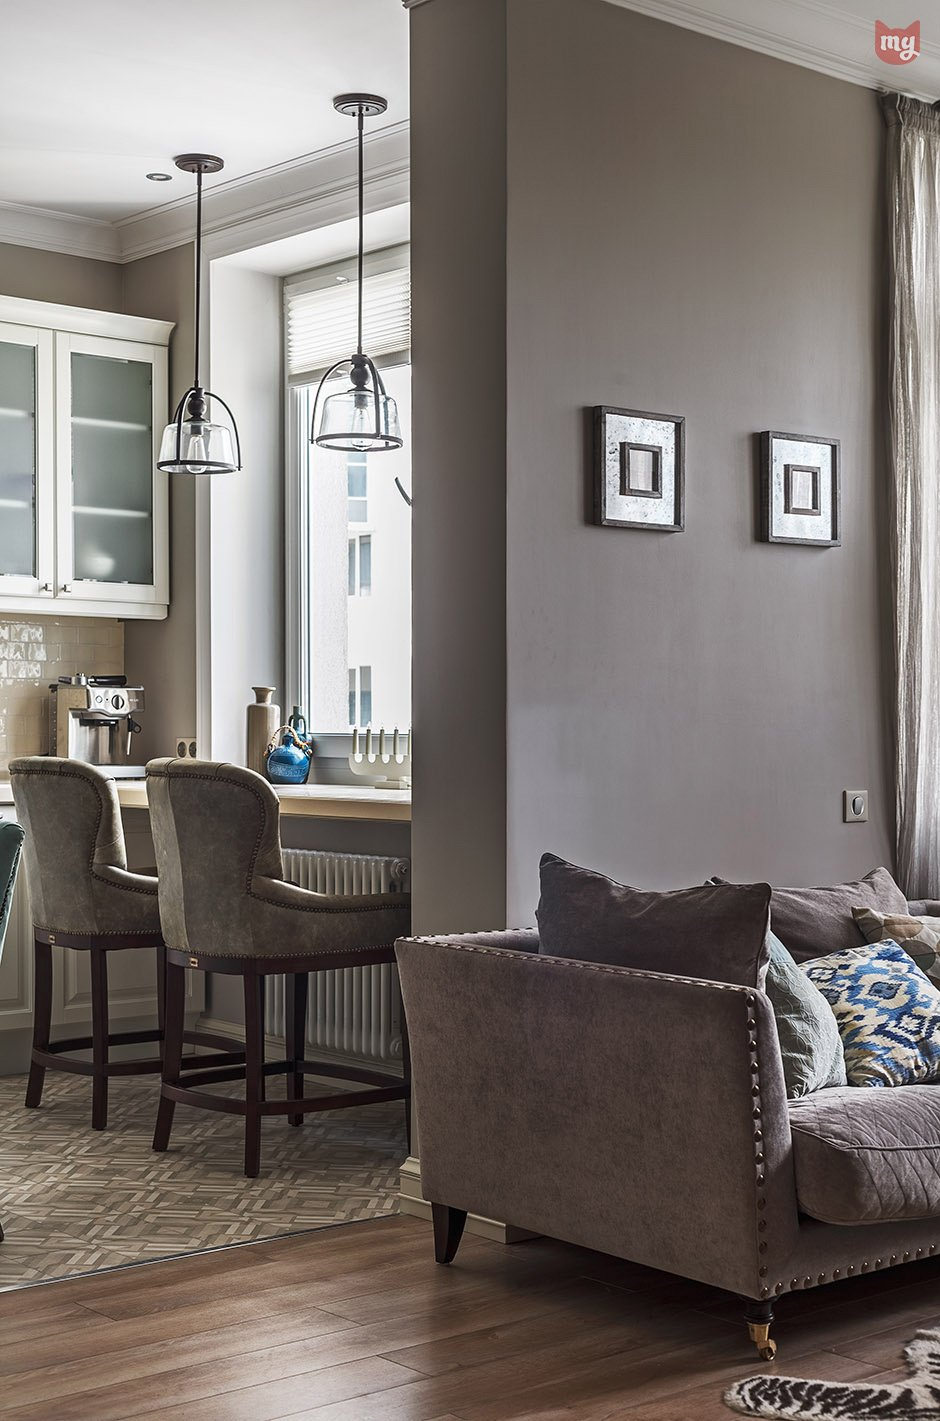 Фотография: Кухня и столовая в стиле Прованс и Кантри, Квартира, Проект недели, Наталья Сорокина – фото на INMYROOM